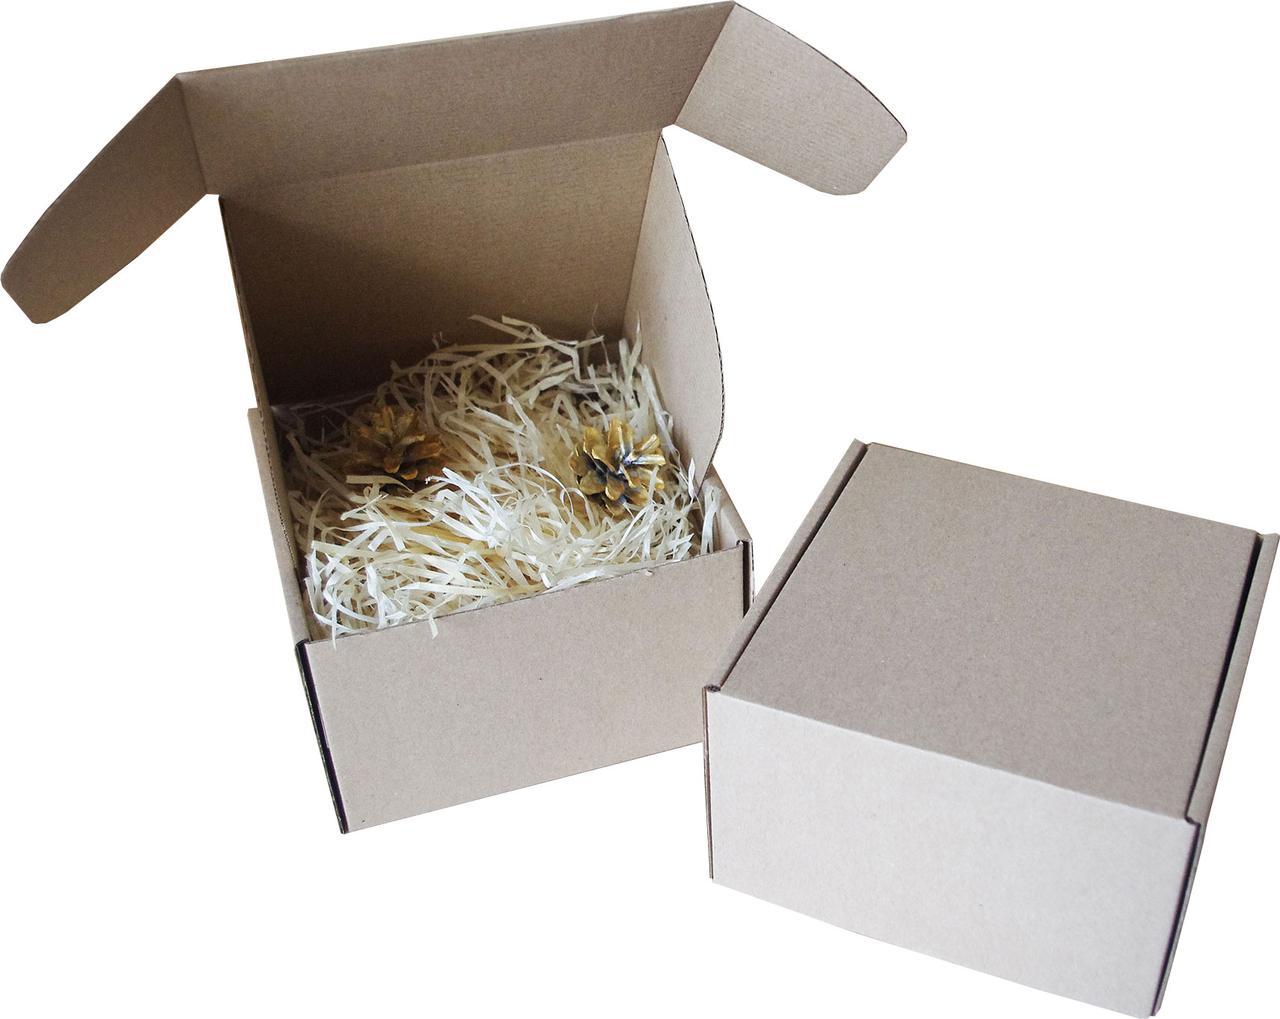 Подарочная коробочка с сеном большая, Ш155хД155хВ100мм